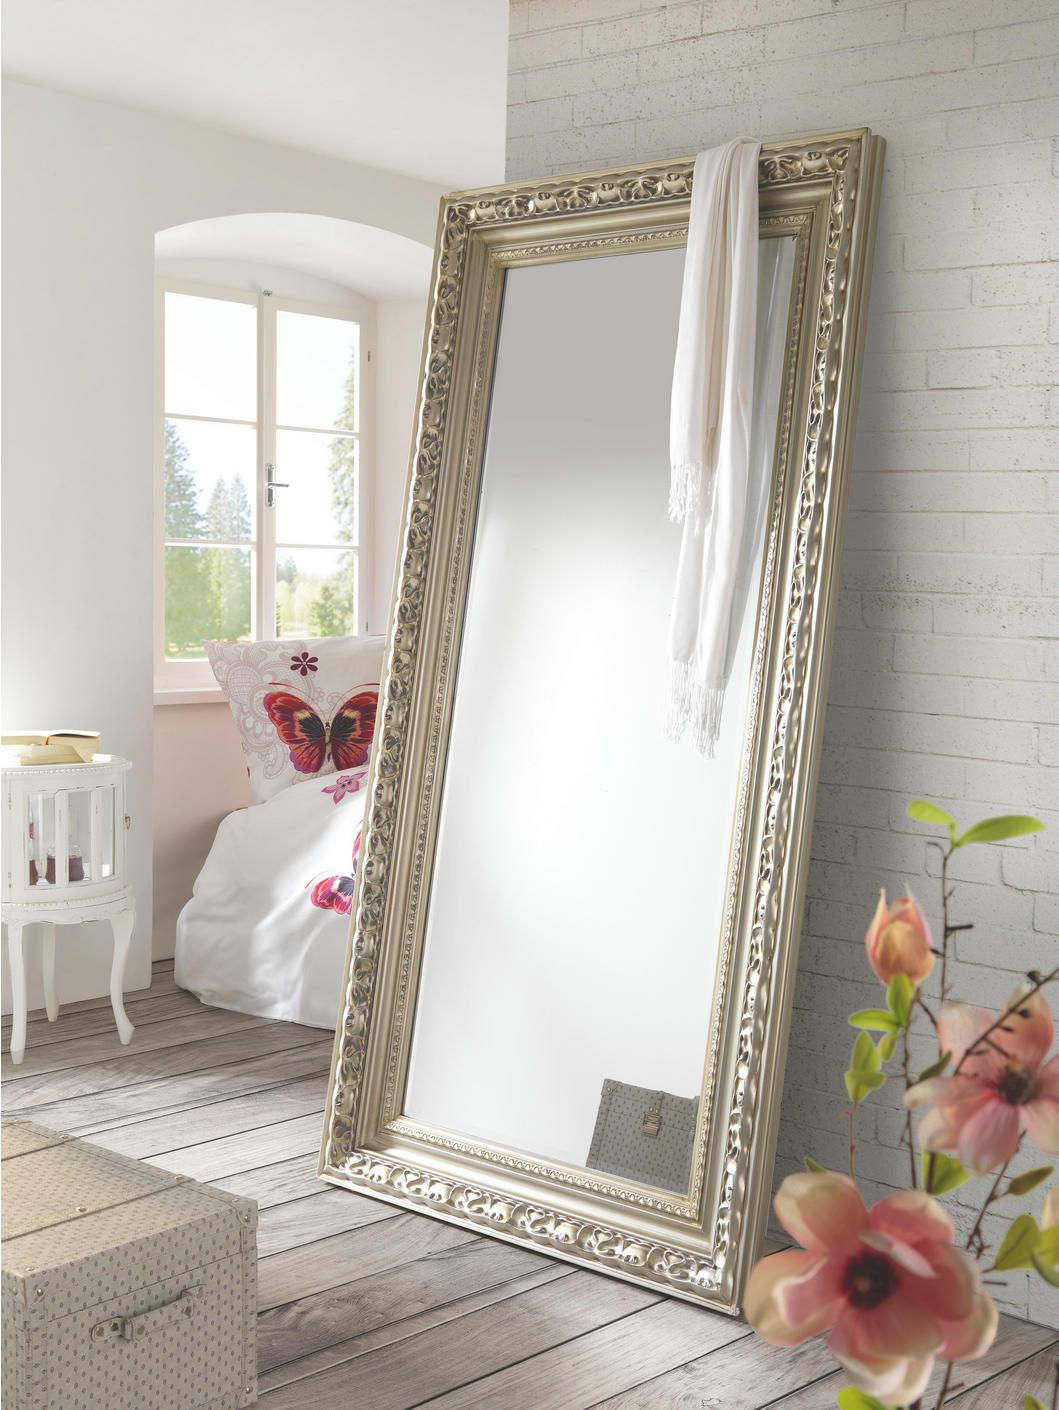 Spiegel In 2020 Wandspiegel Wohnzimmer Spiegel Barock Spiegel